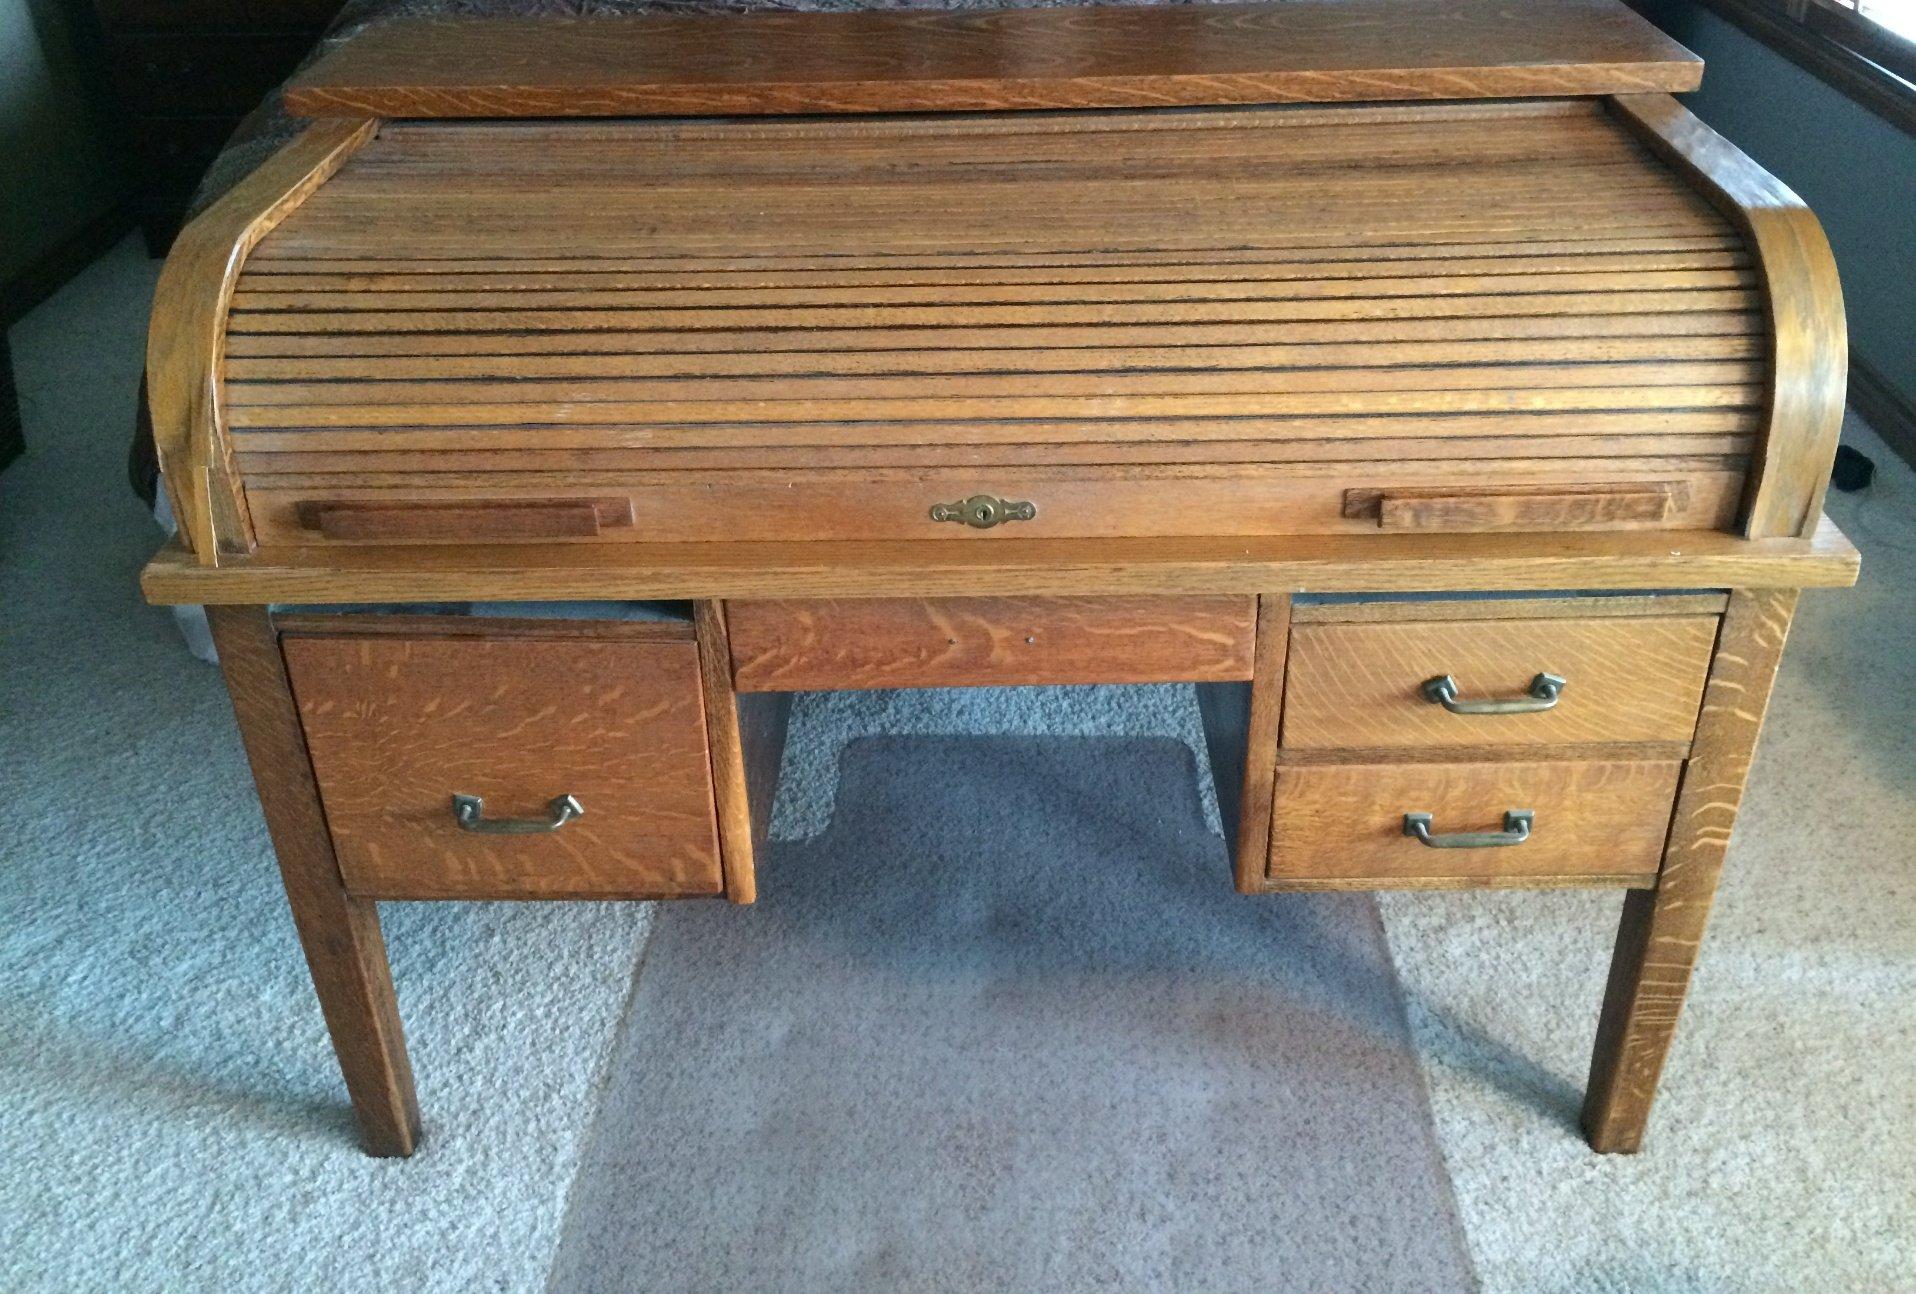 Before: Bad veneer, drawers, structure